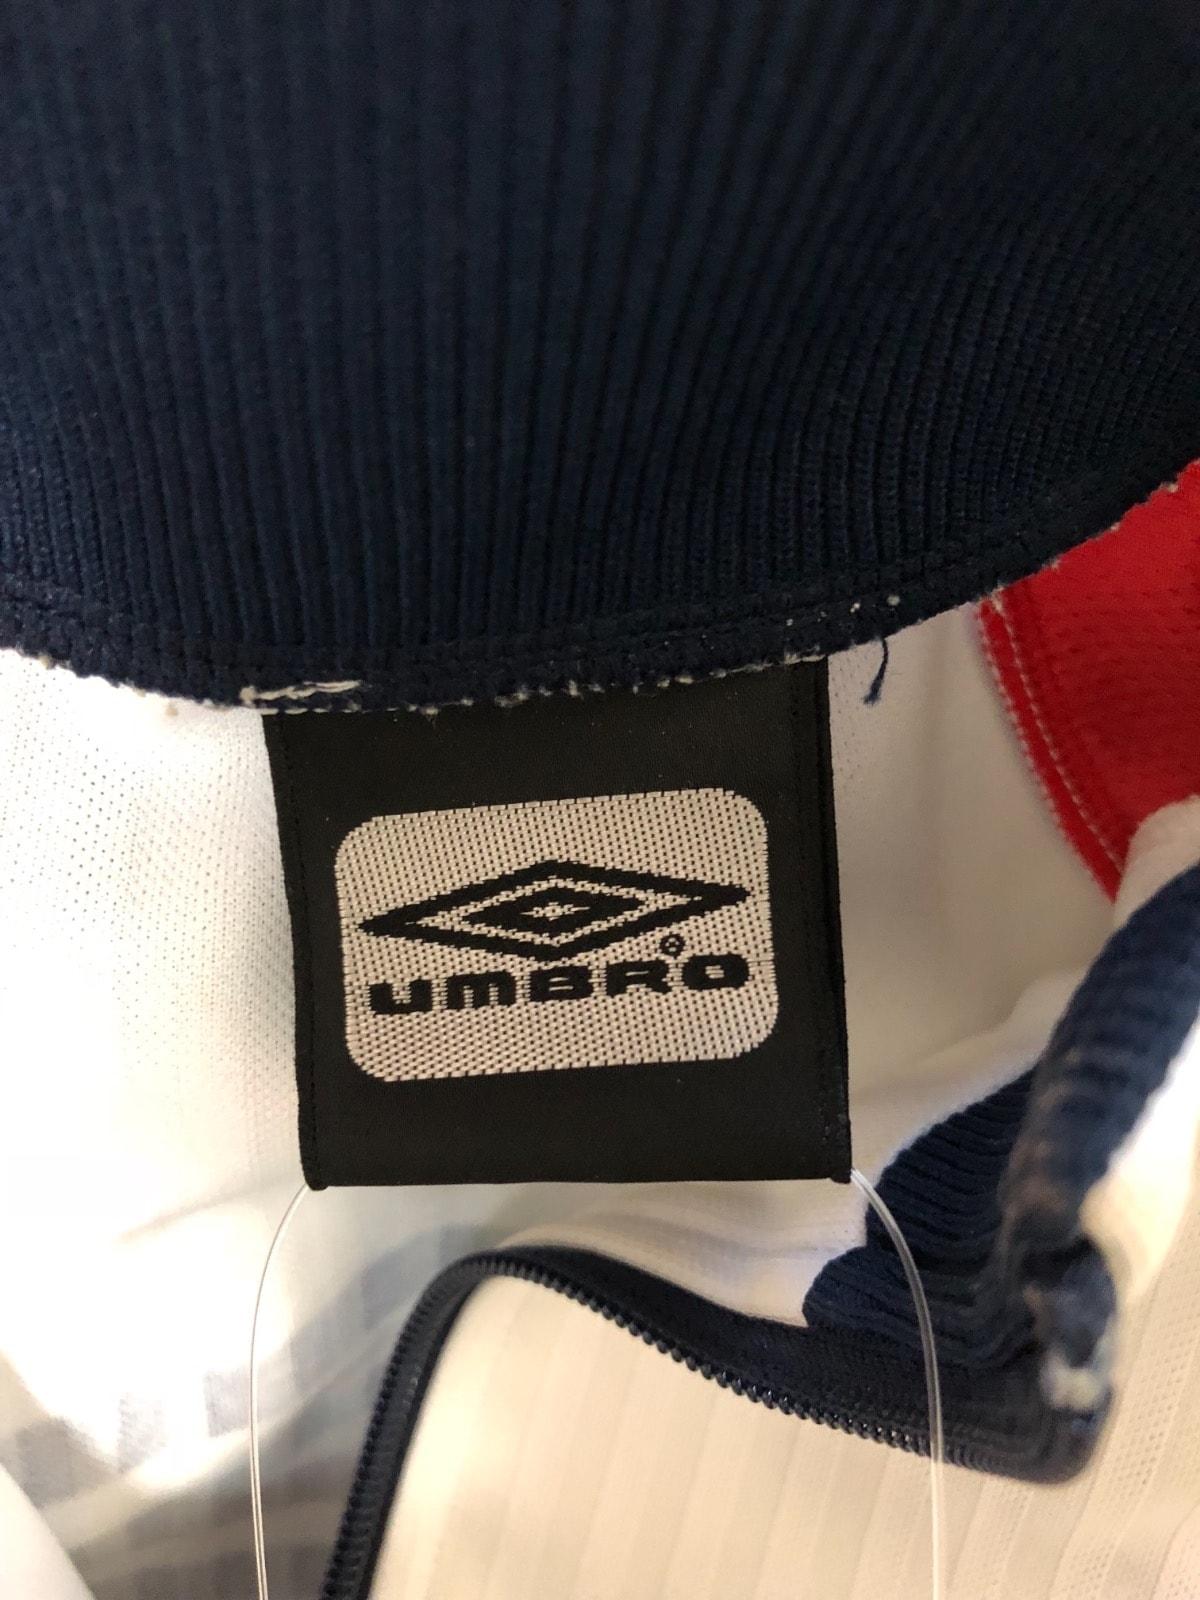 UMBRO(アンブロ)のメンズセットアップ